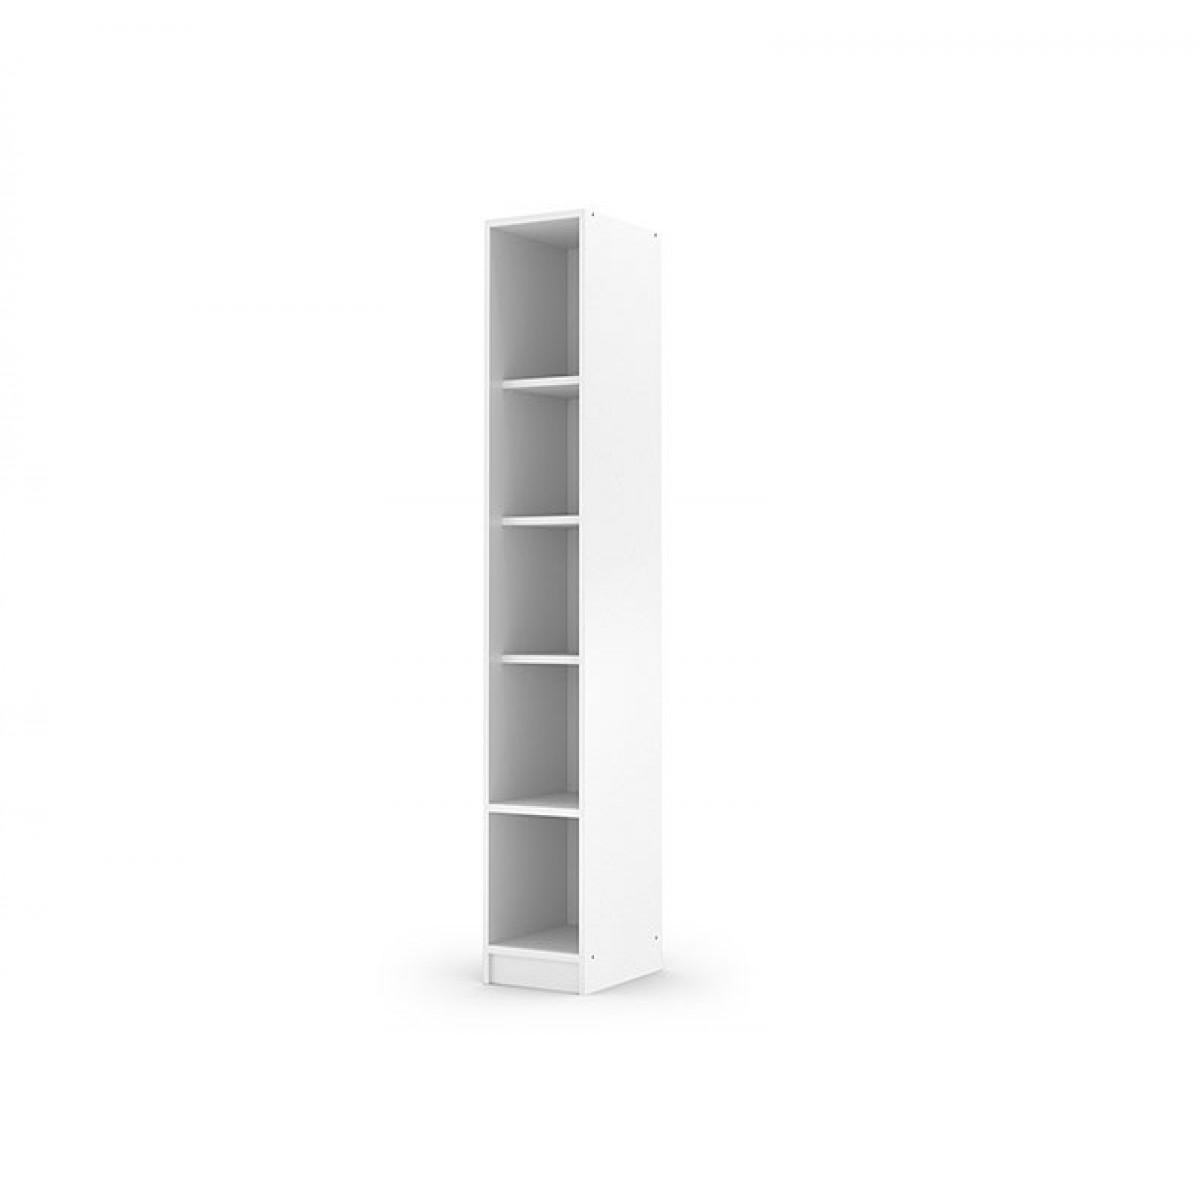 Torre Modular Línea Evö Dasmobel DasMöbel blanco